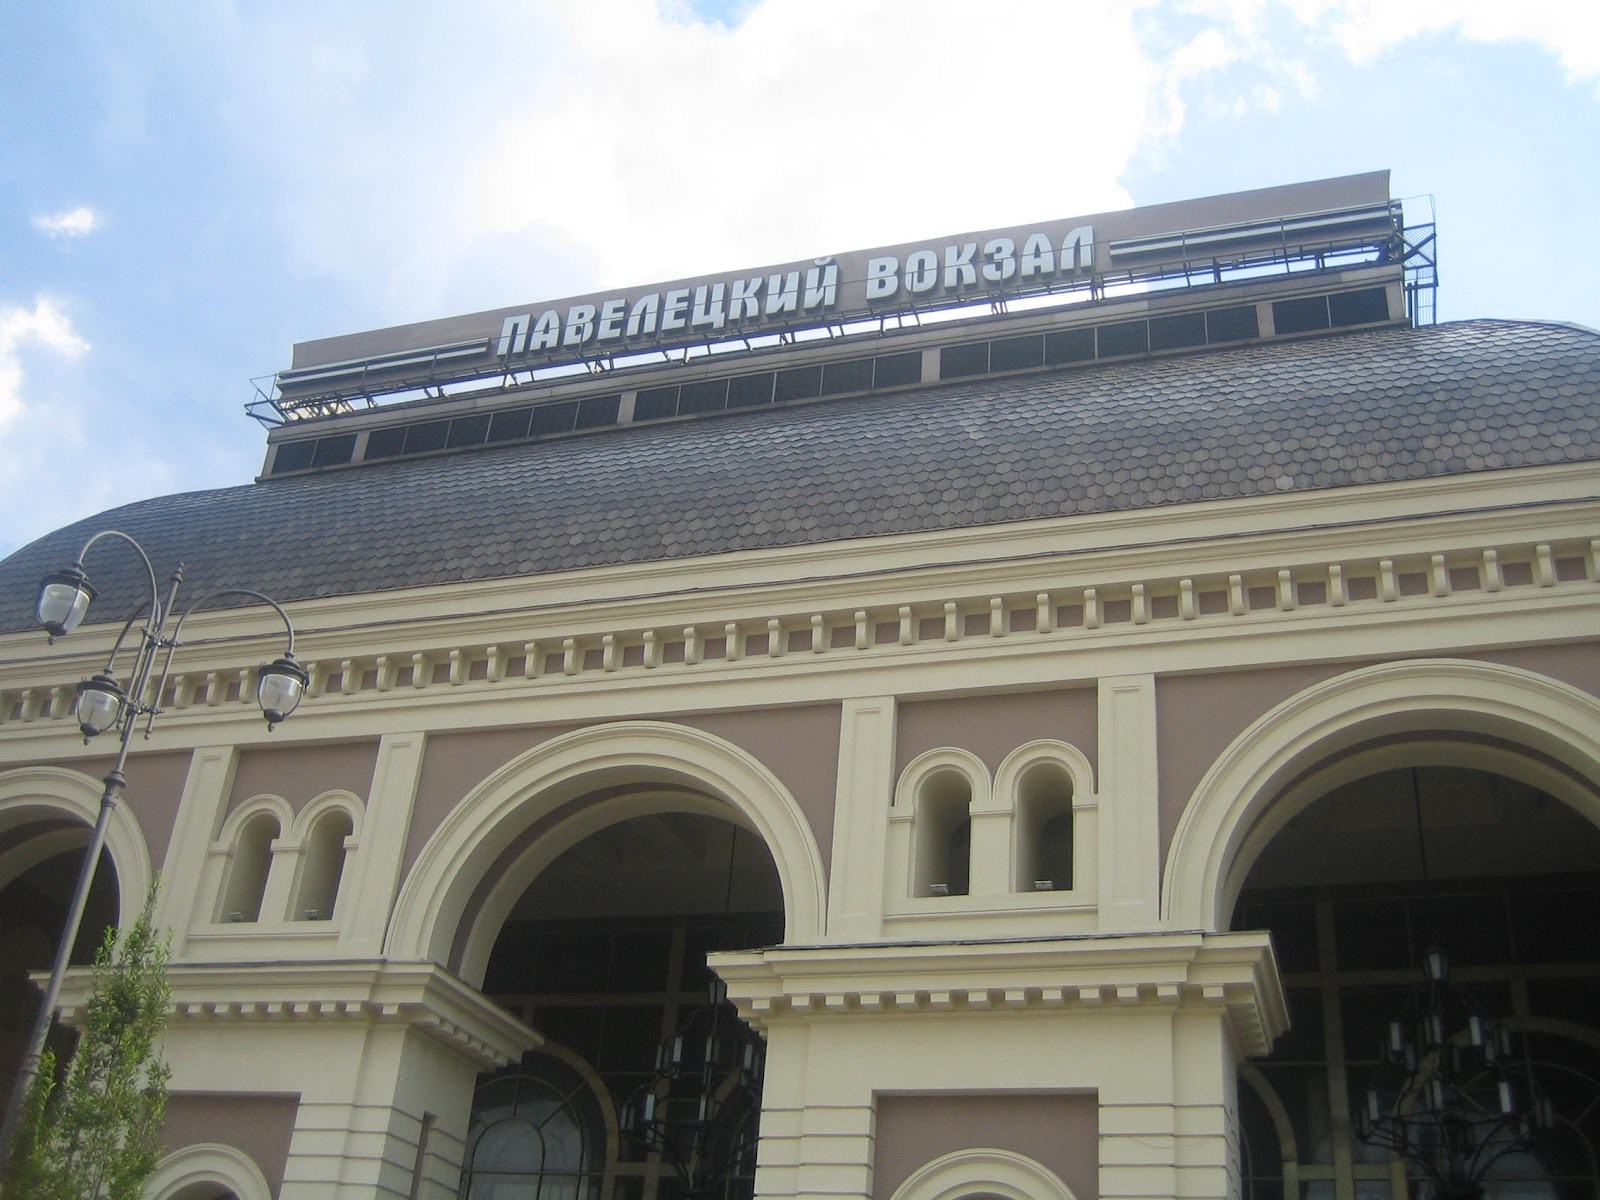 гостиницы возле павелецкого вокзала